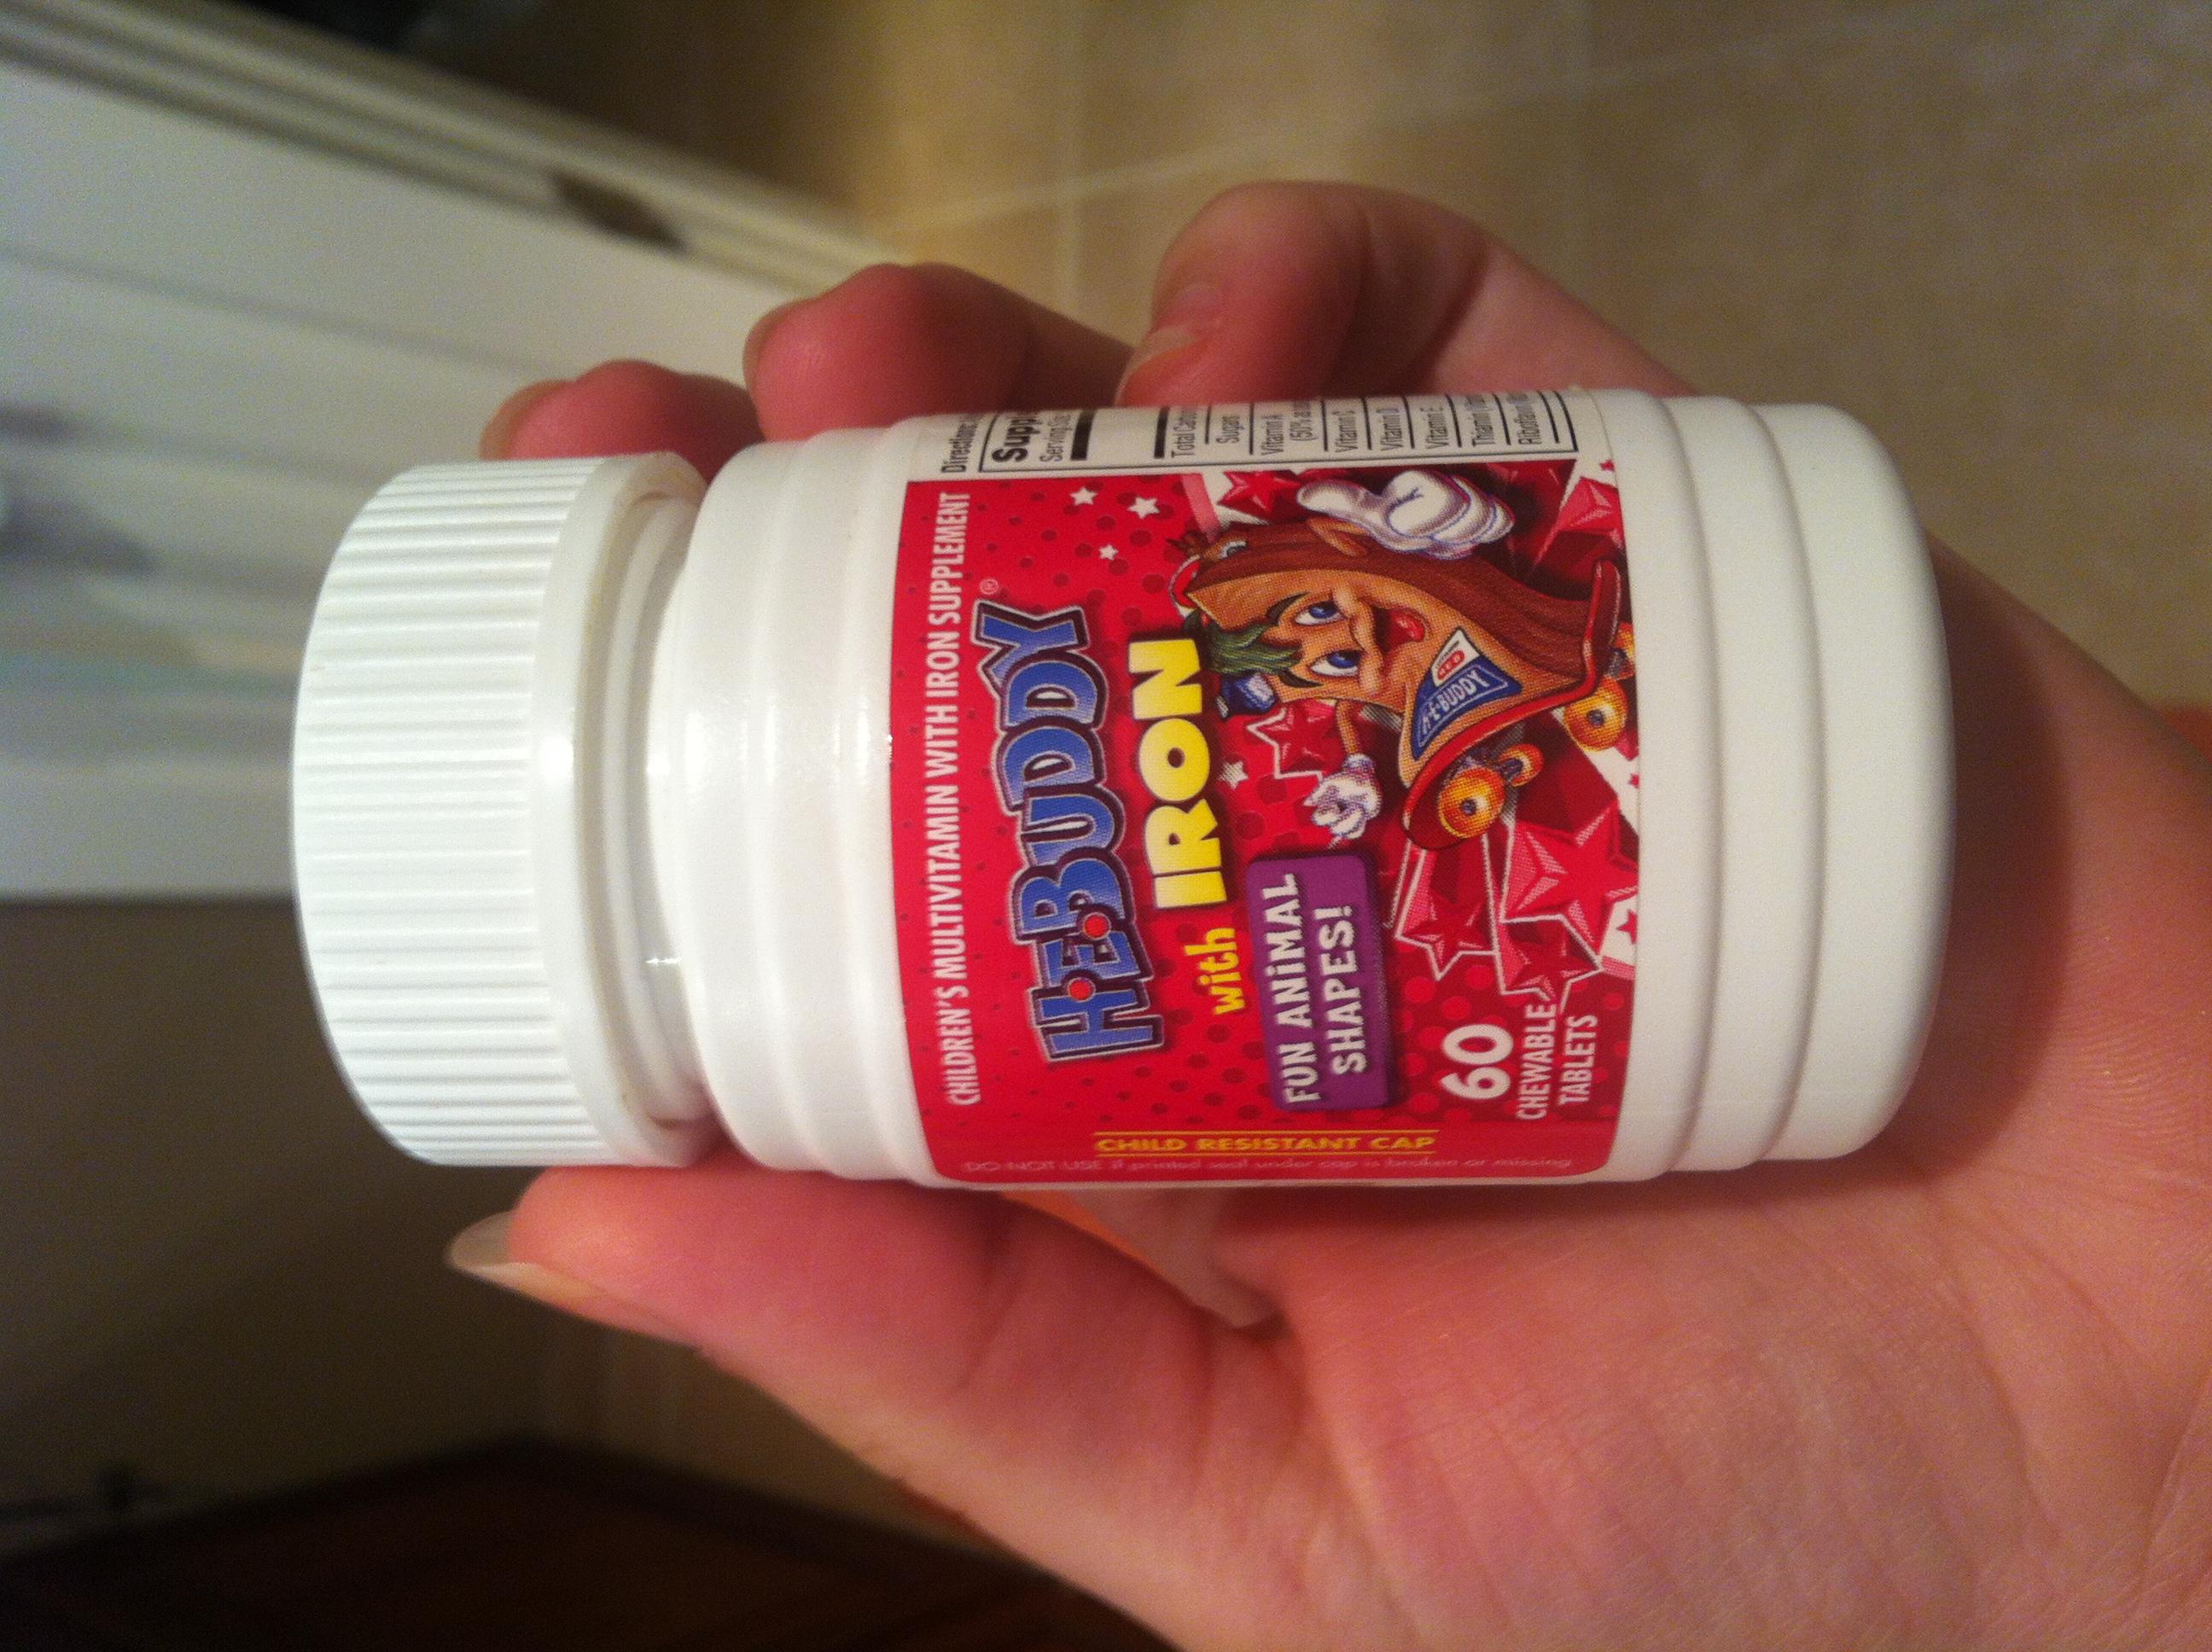 Adult flintstone vitamin